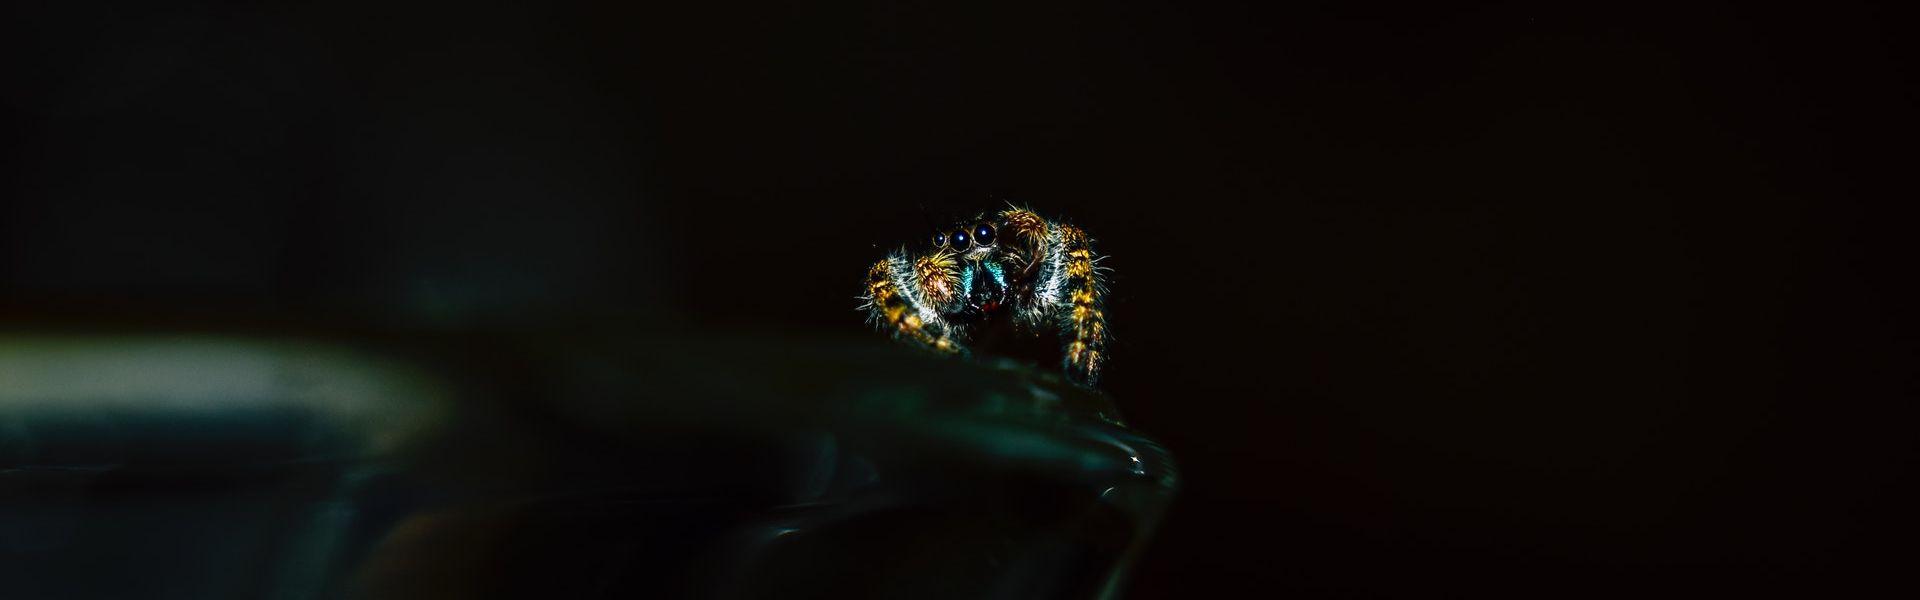 Een kleine spin bij een versje van Paul de Vries Schrijft. Foto Chris F op Pexels